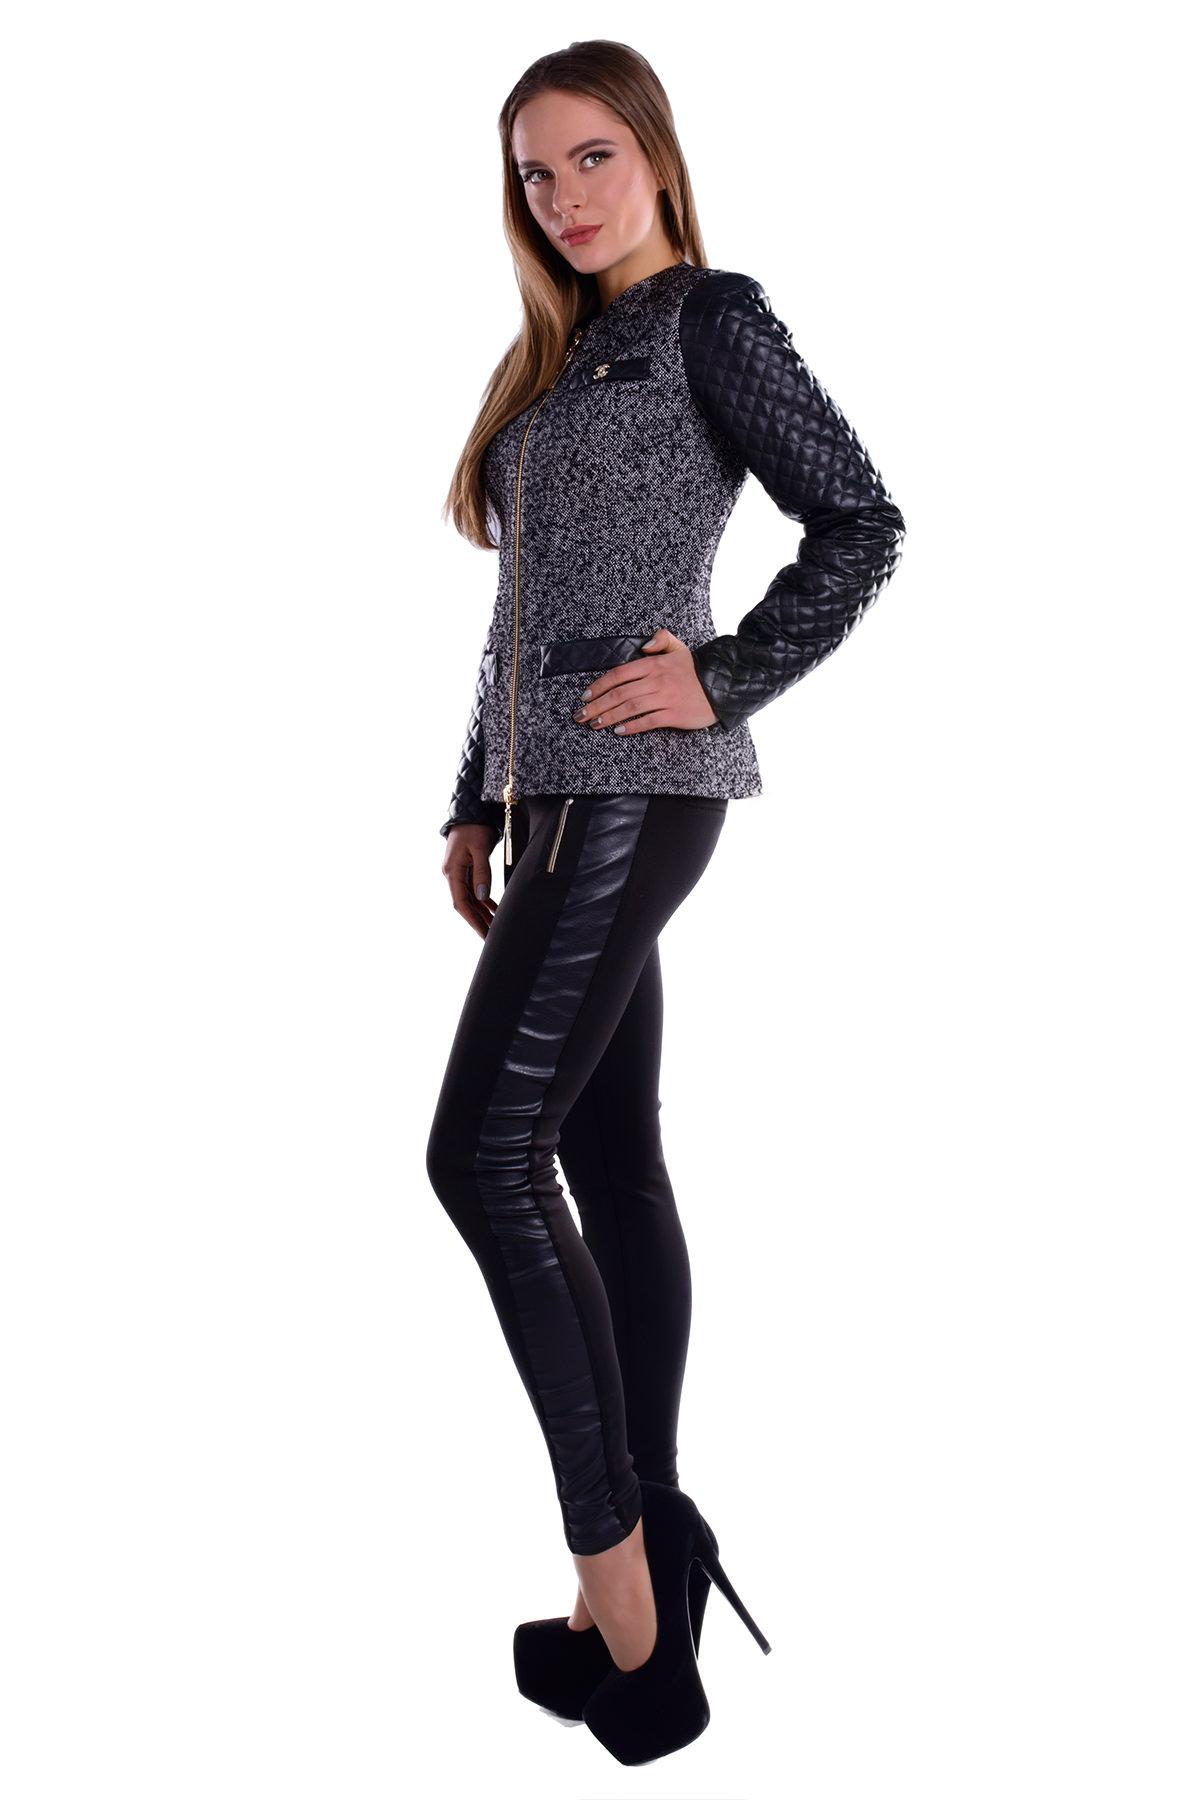 Пальто Инди шерсть АРТ. 5393 Цвет: Серый 1 меланж - фото 2, интернет магазин tm-modus.ru